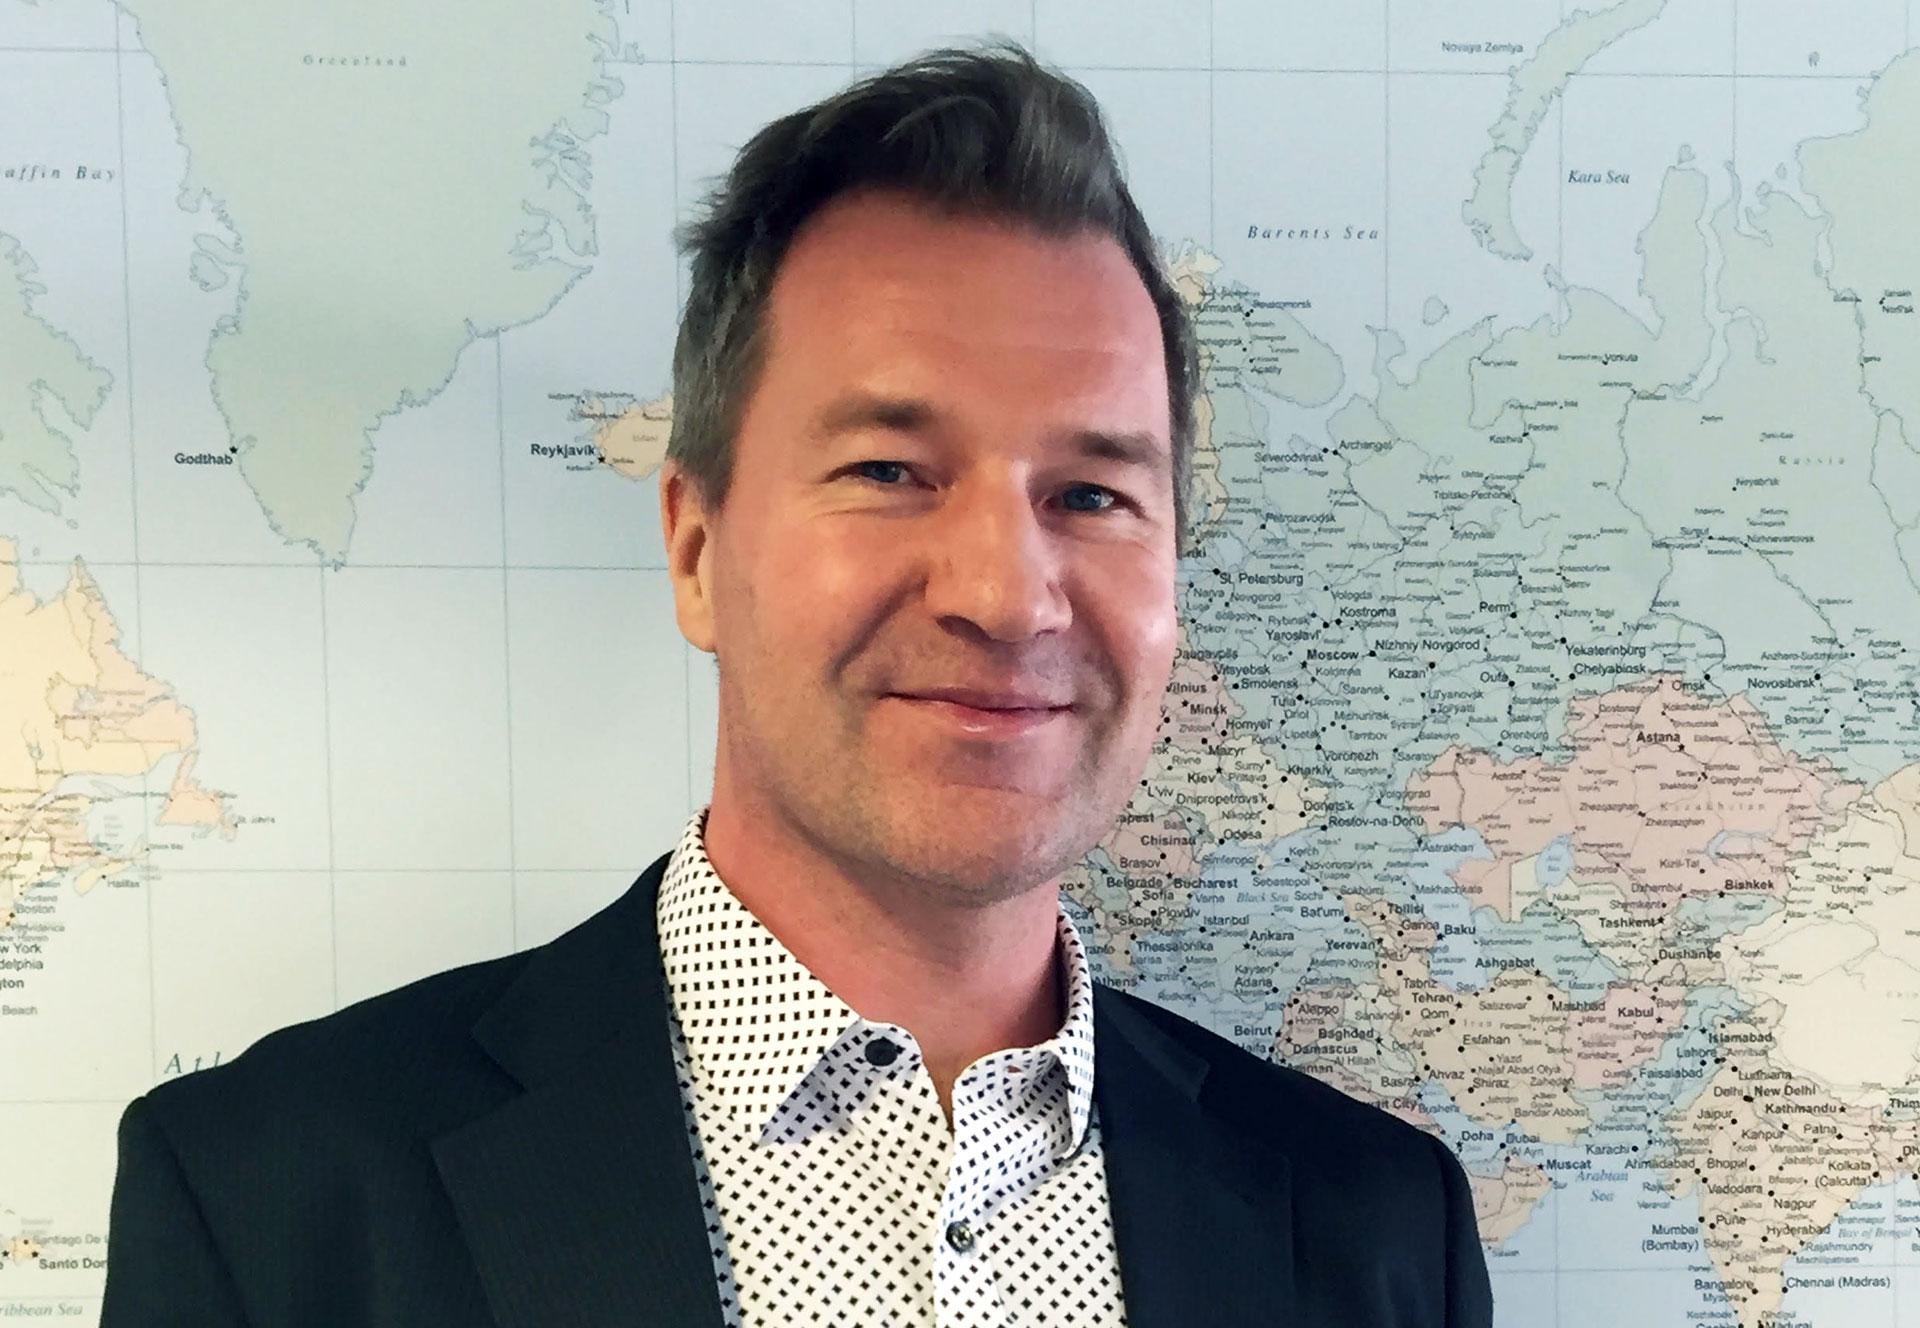 Timo Kaski